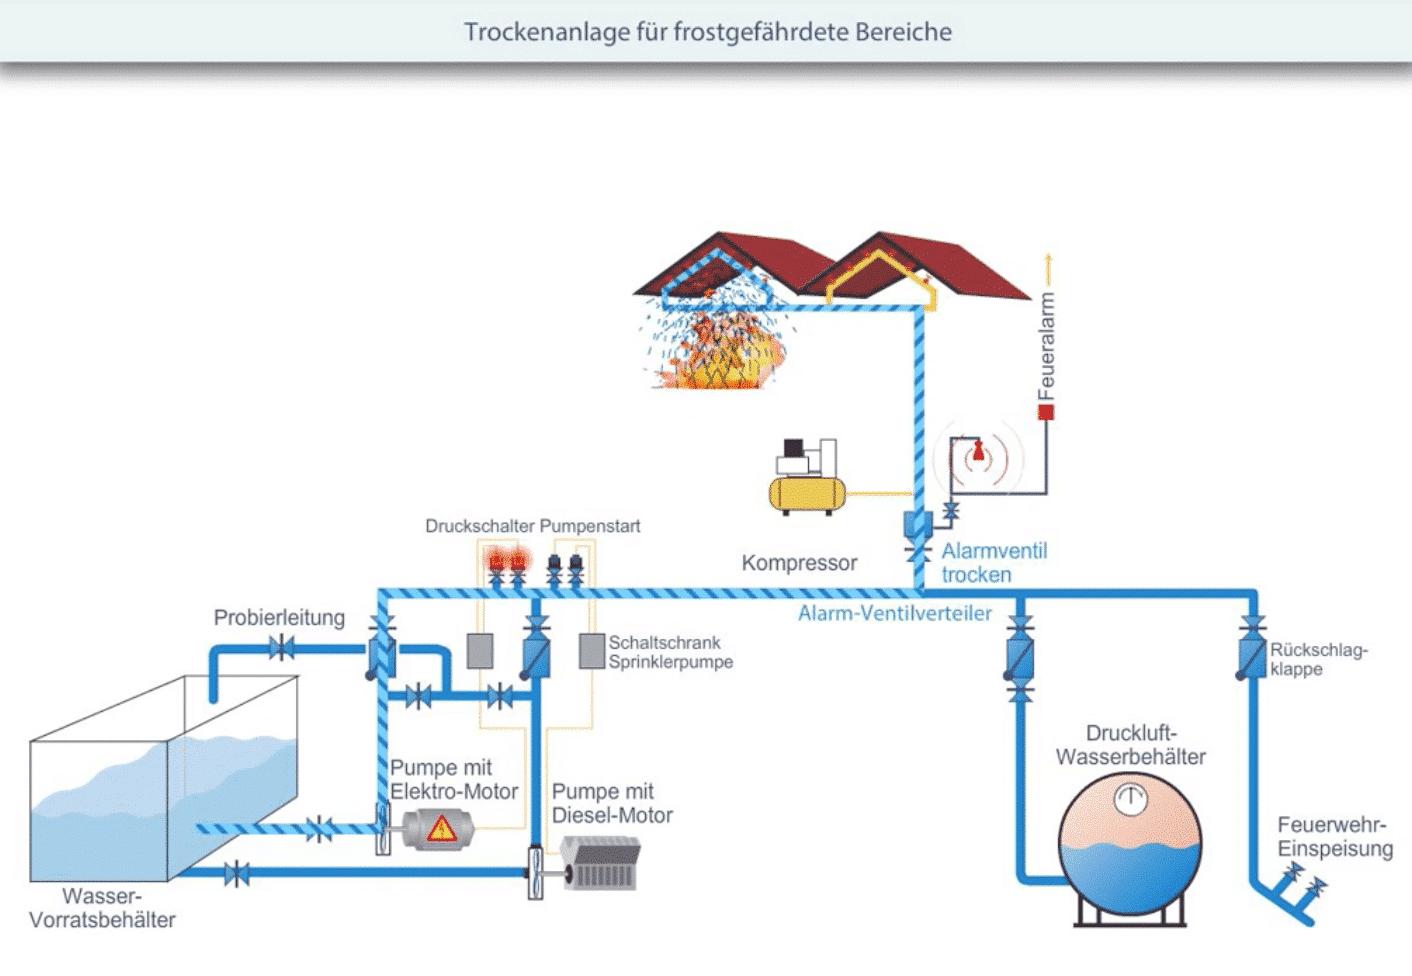 Brandschutz Sprinkleranlage als Trockenanlage für frostgefährdete Bereiche Video